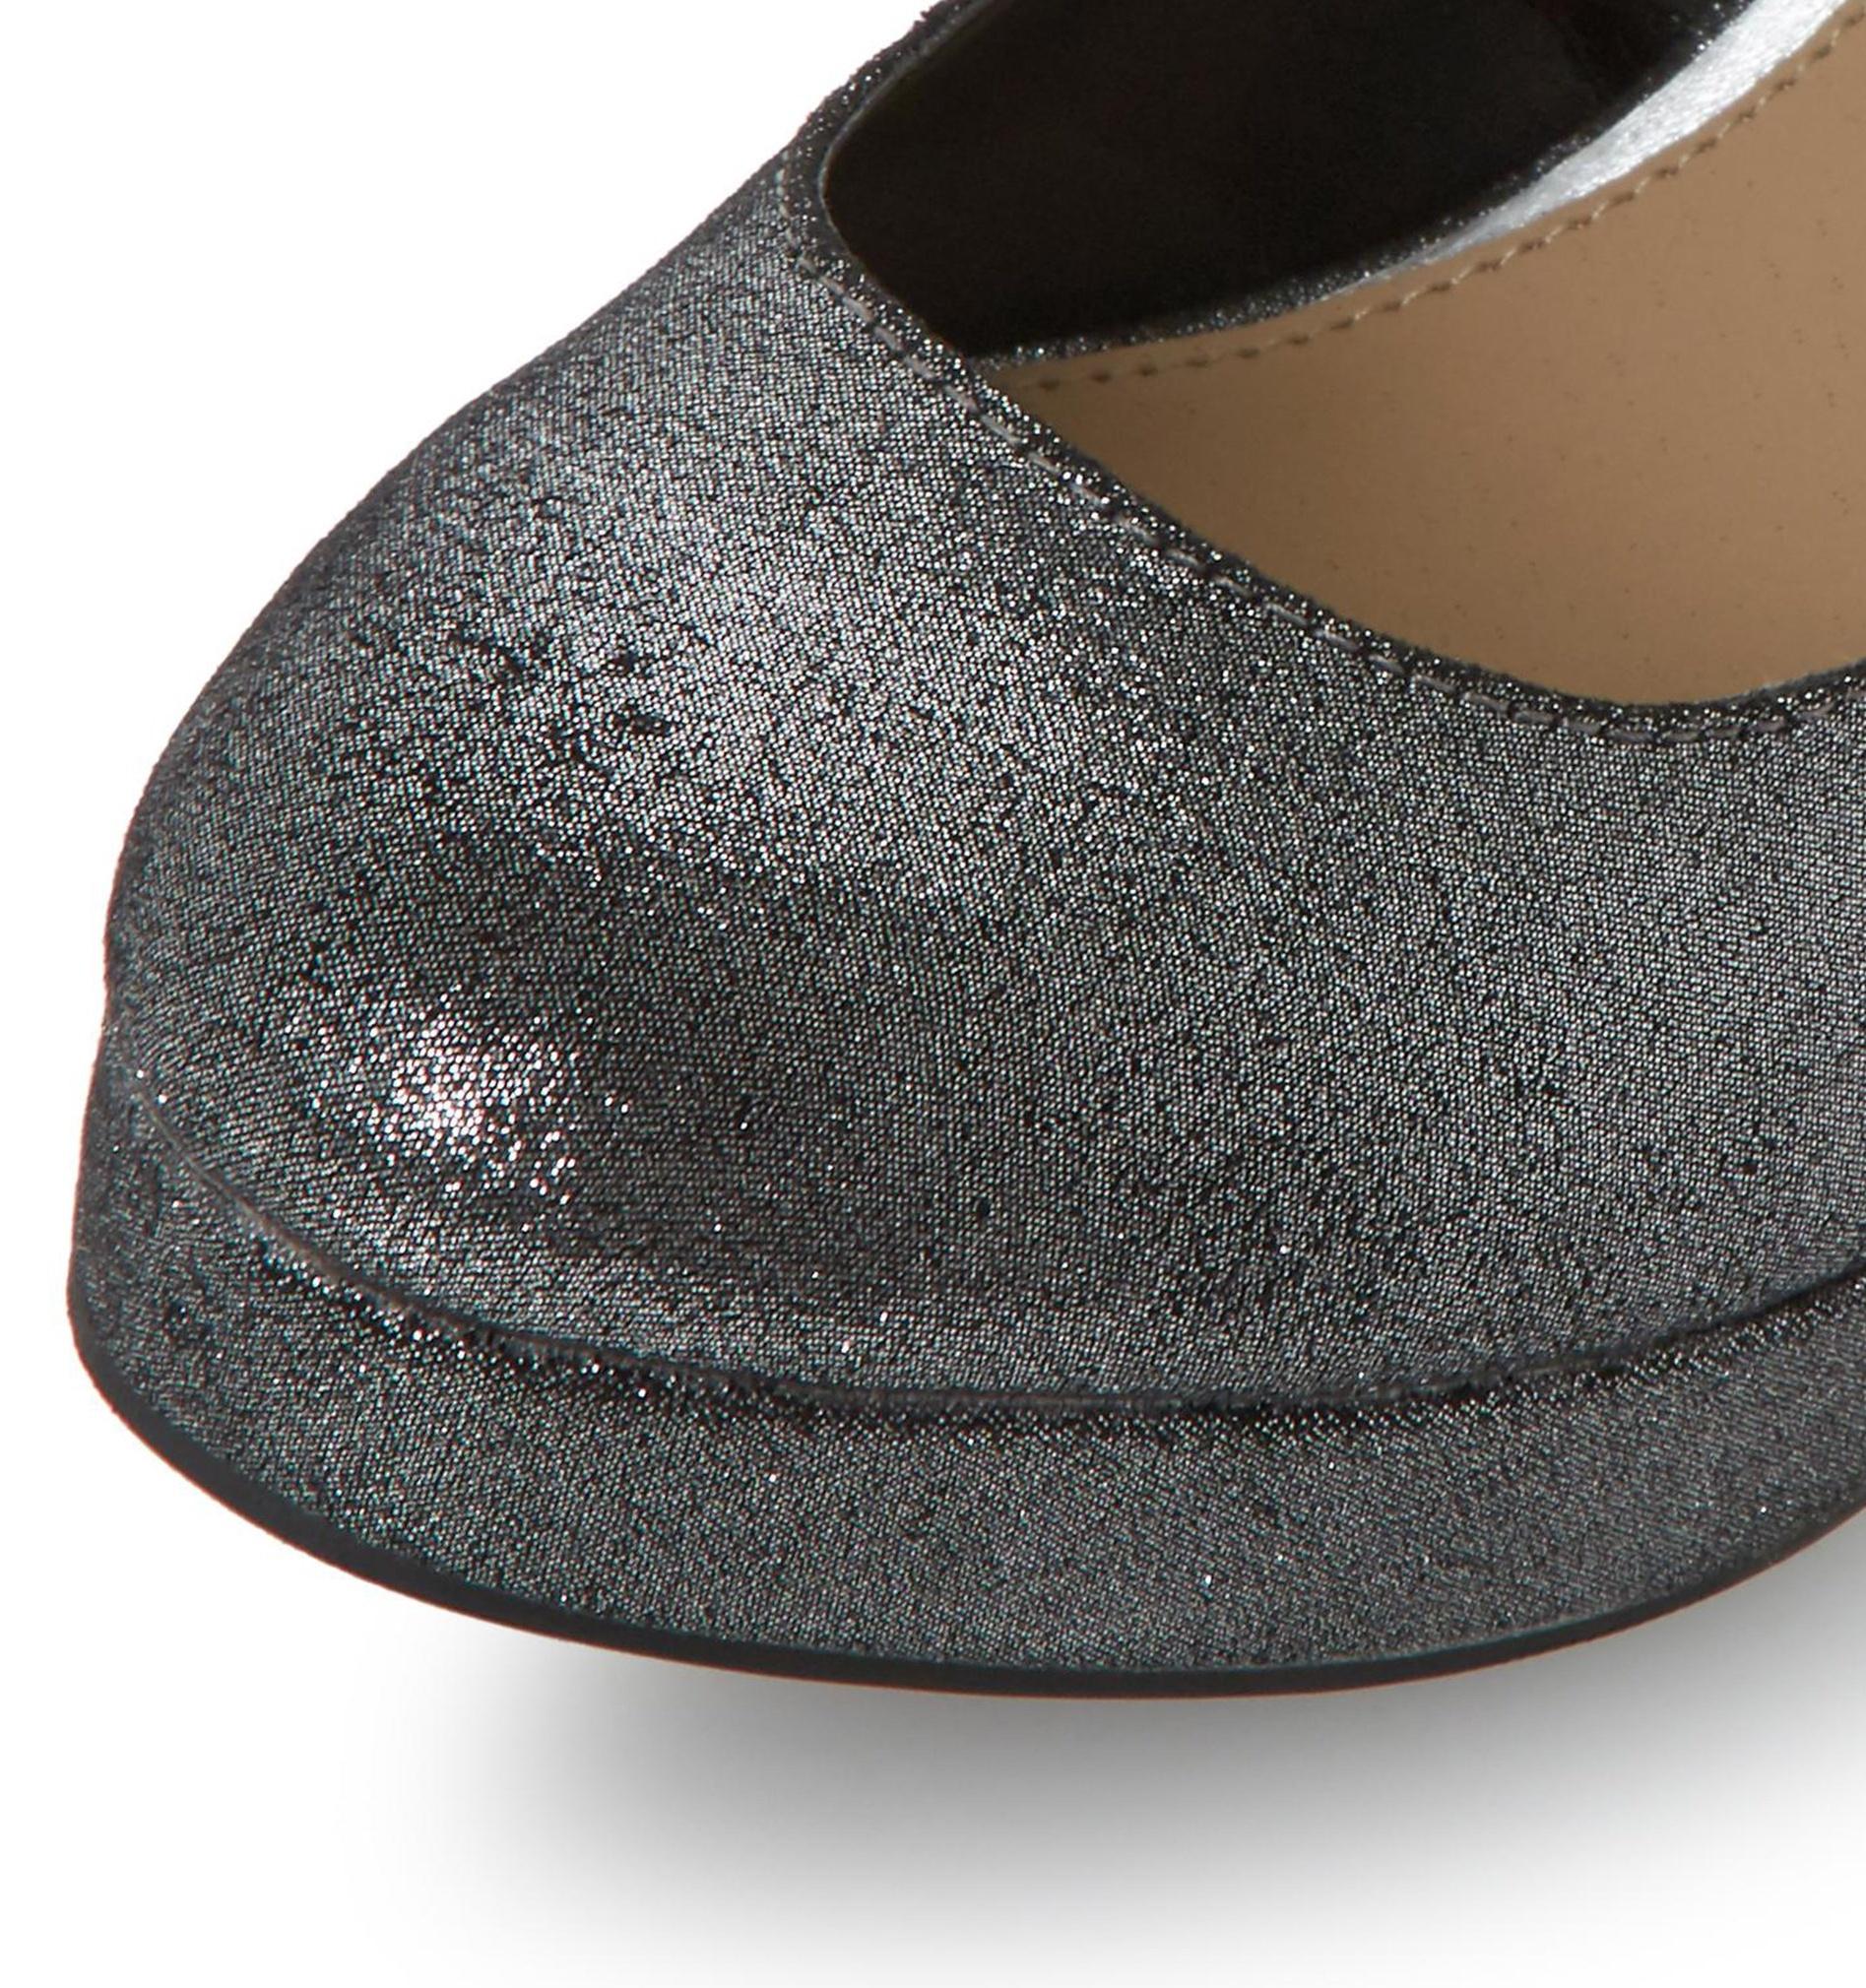 کفش پاشنه بلند زنانه - هد اور هیلز بای دون لندن main 1 11